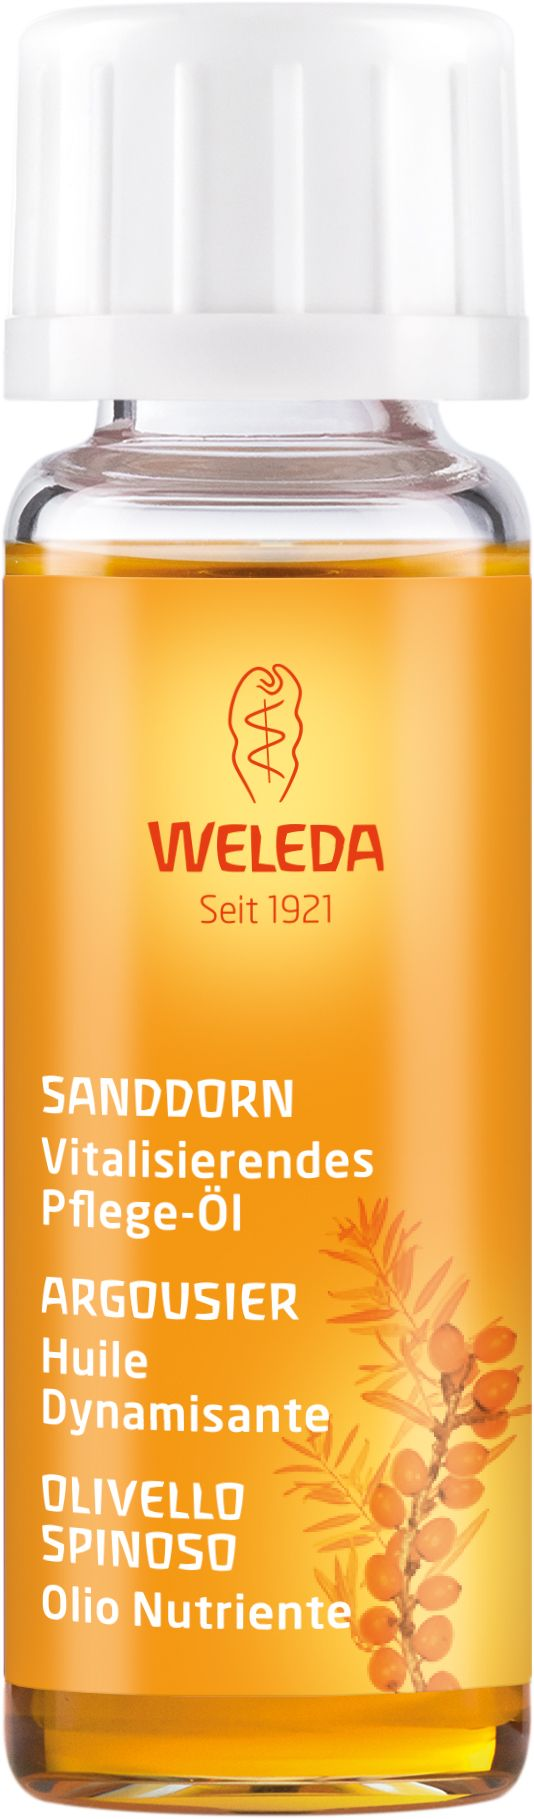 Weleda Sanddorn Vitalisierendes Pflege-Öl 10ml